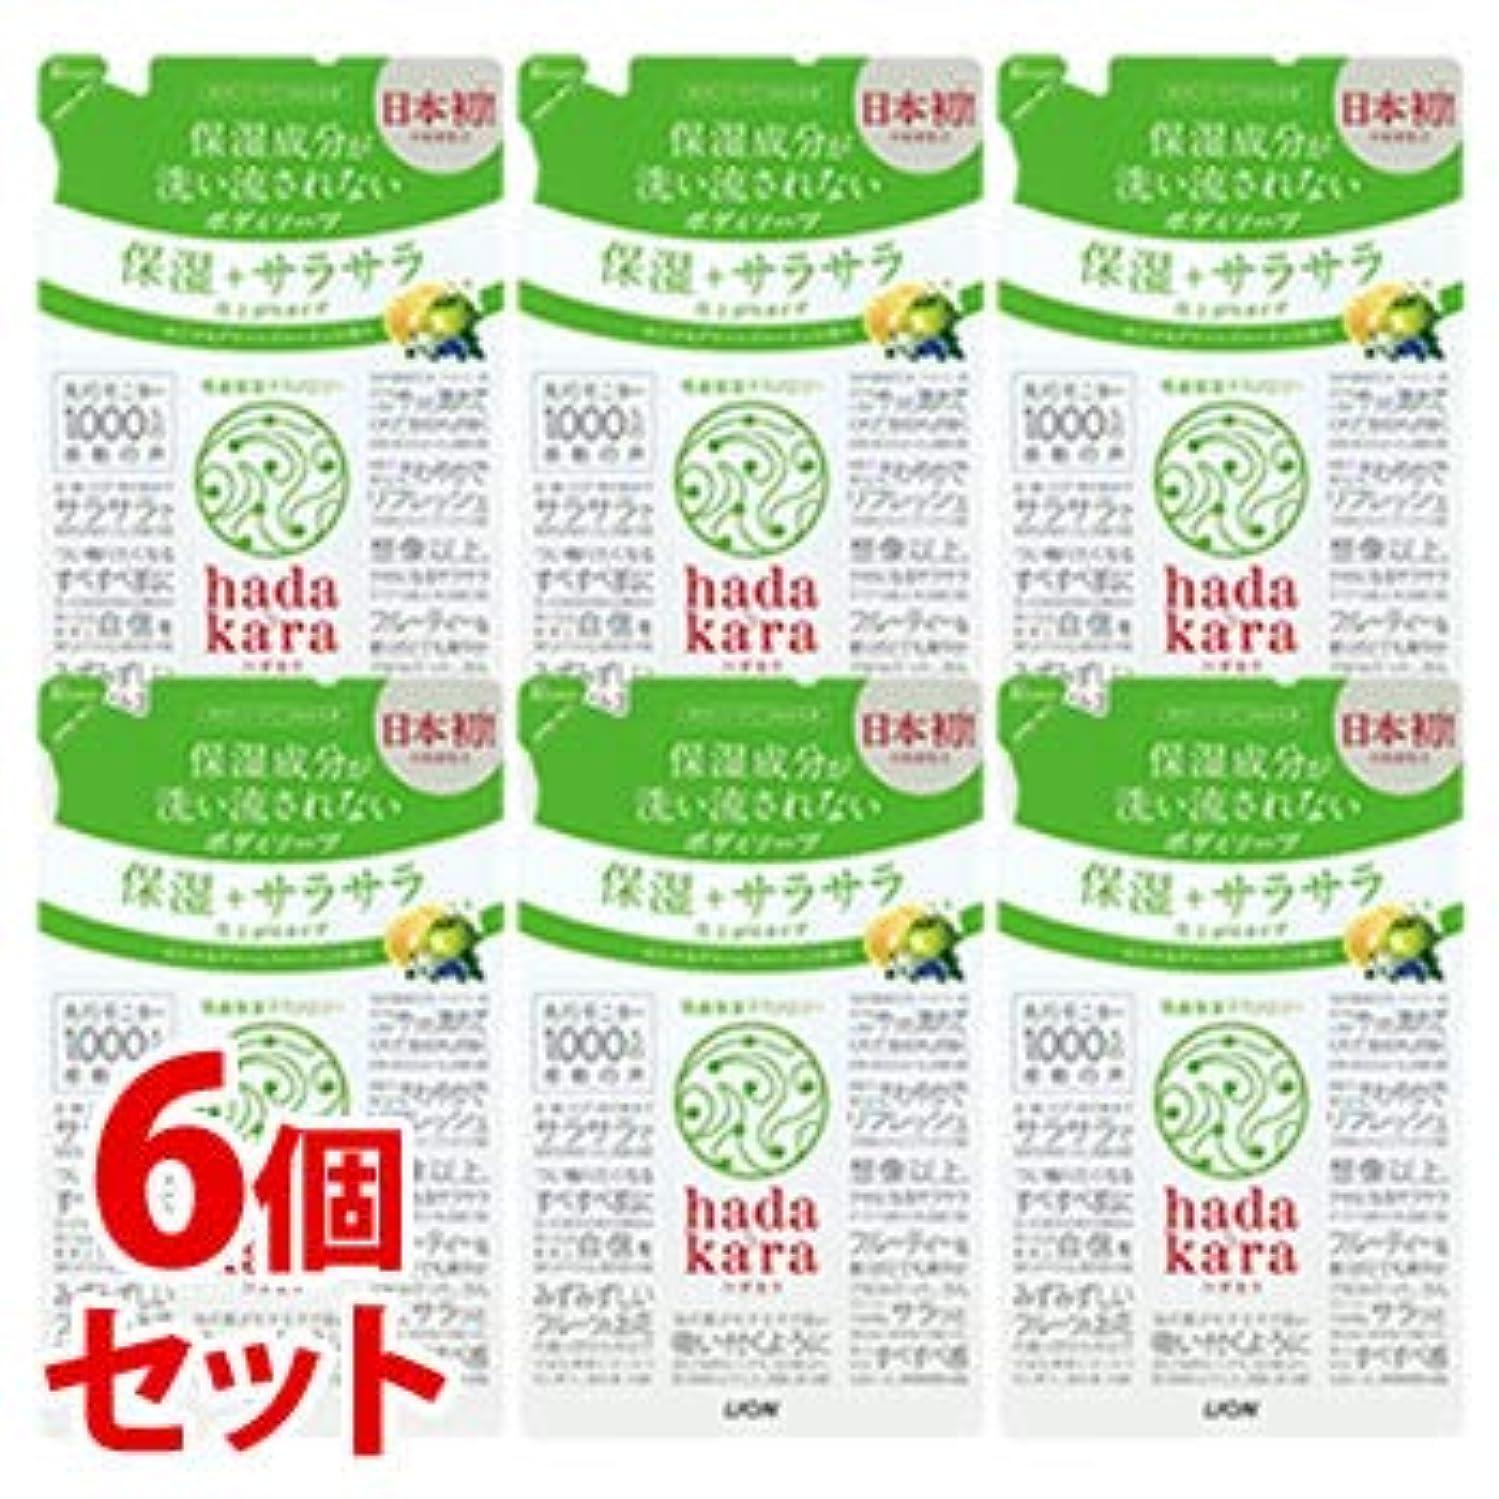 セレナストロー自殺《セット販売》 ライオン ハダカラ hadakara ボディソープ 保湿+サラサラ仕上がりタイプ グリーンフルーティの香り つめかえ用 (340mL)×6個セット 詰め替え用